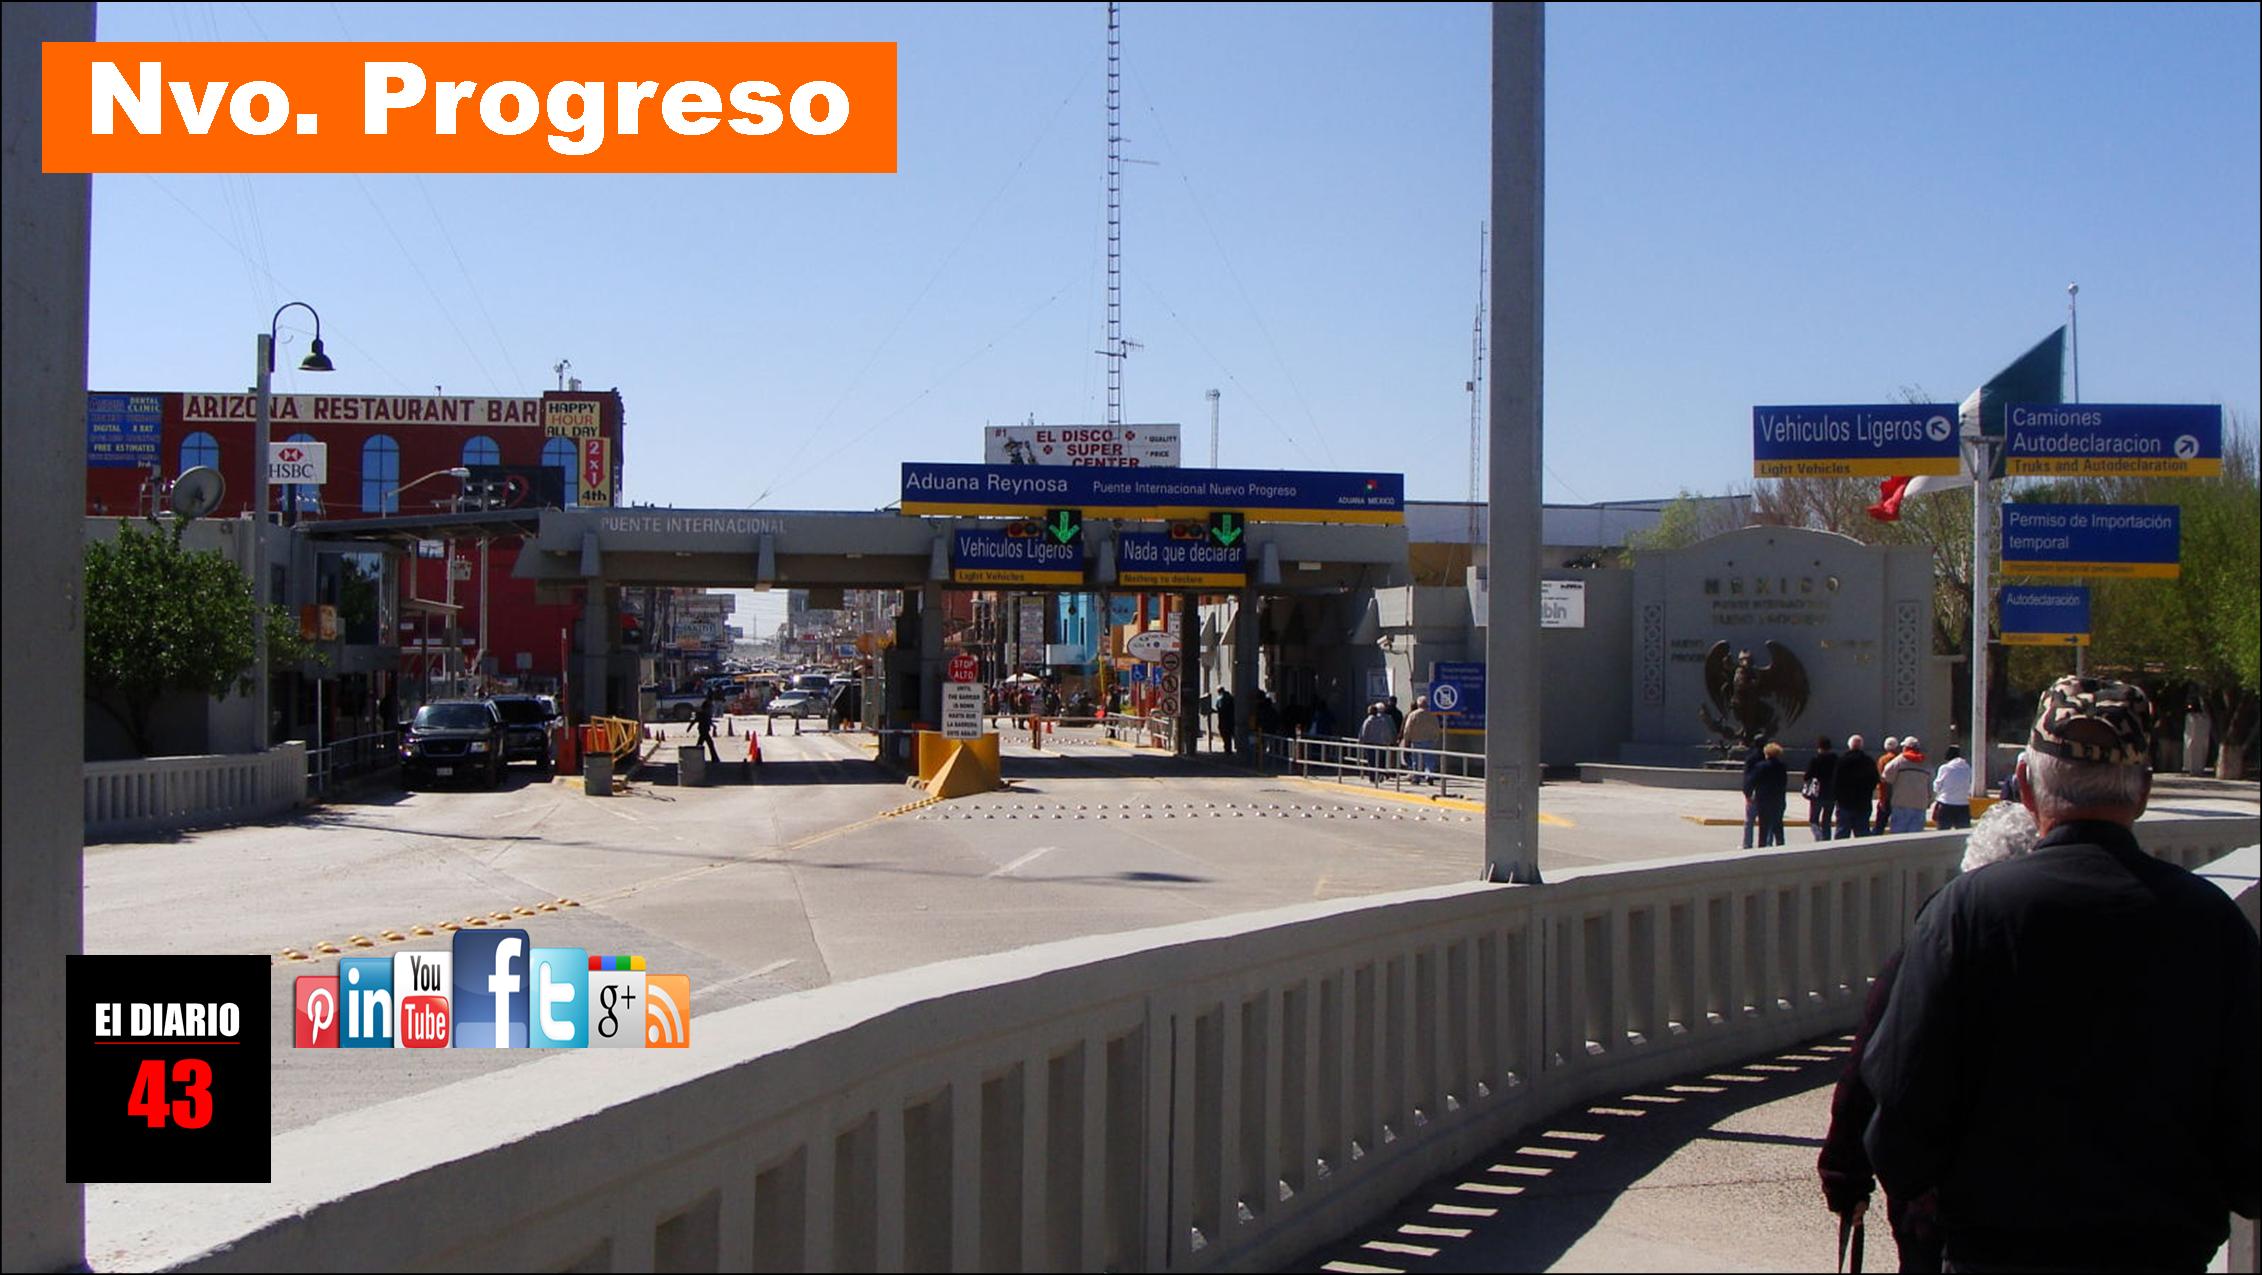 Pretendía cruzar  metanfetaminas por el Puente Internacional Progreso…